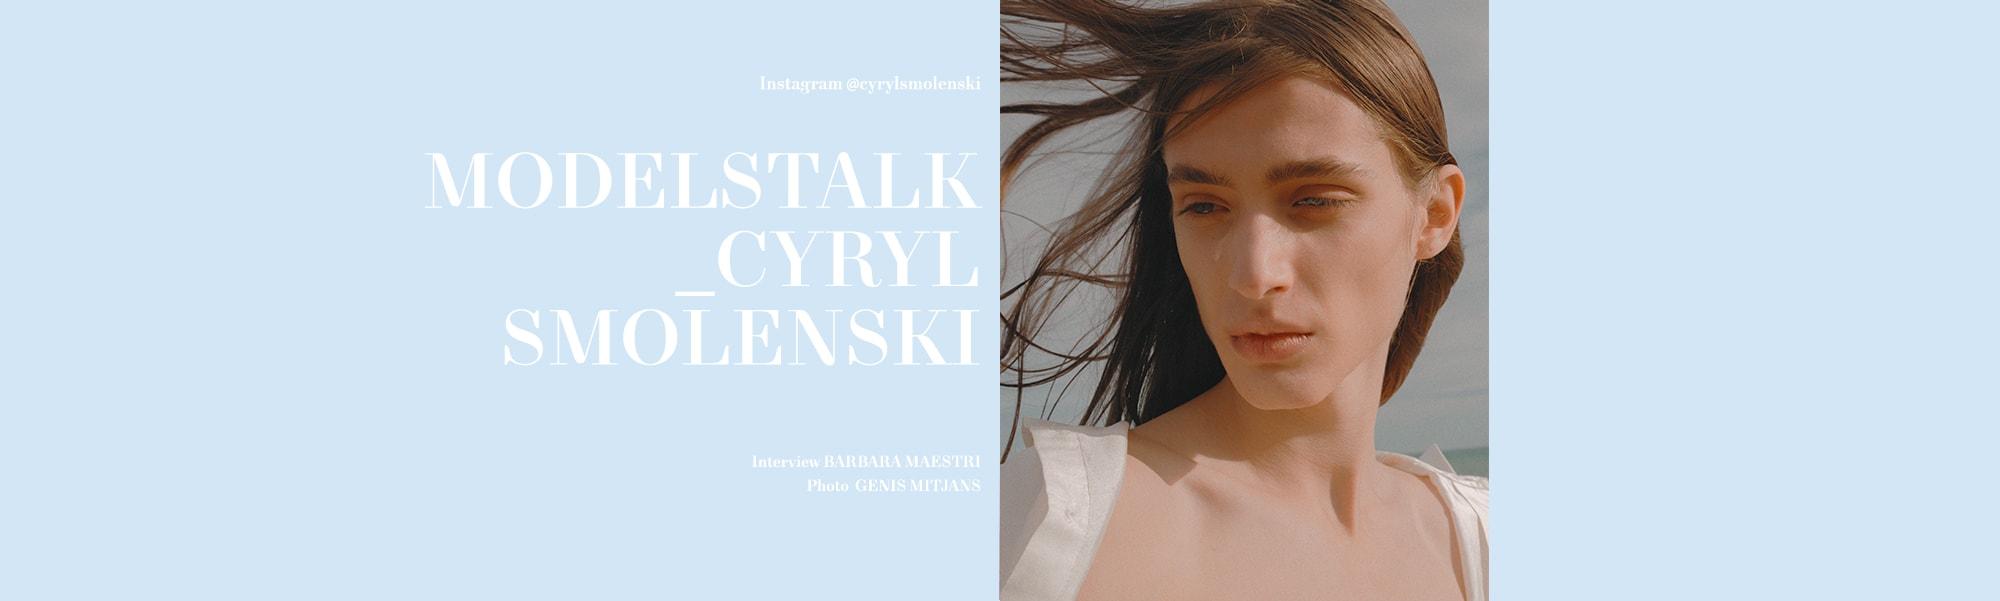 thegreatestmagazine_talkingheads_cyrylsmolenski_1